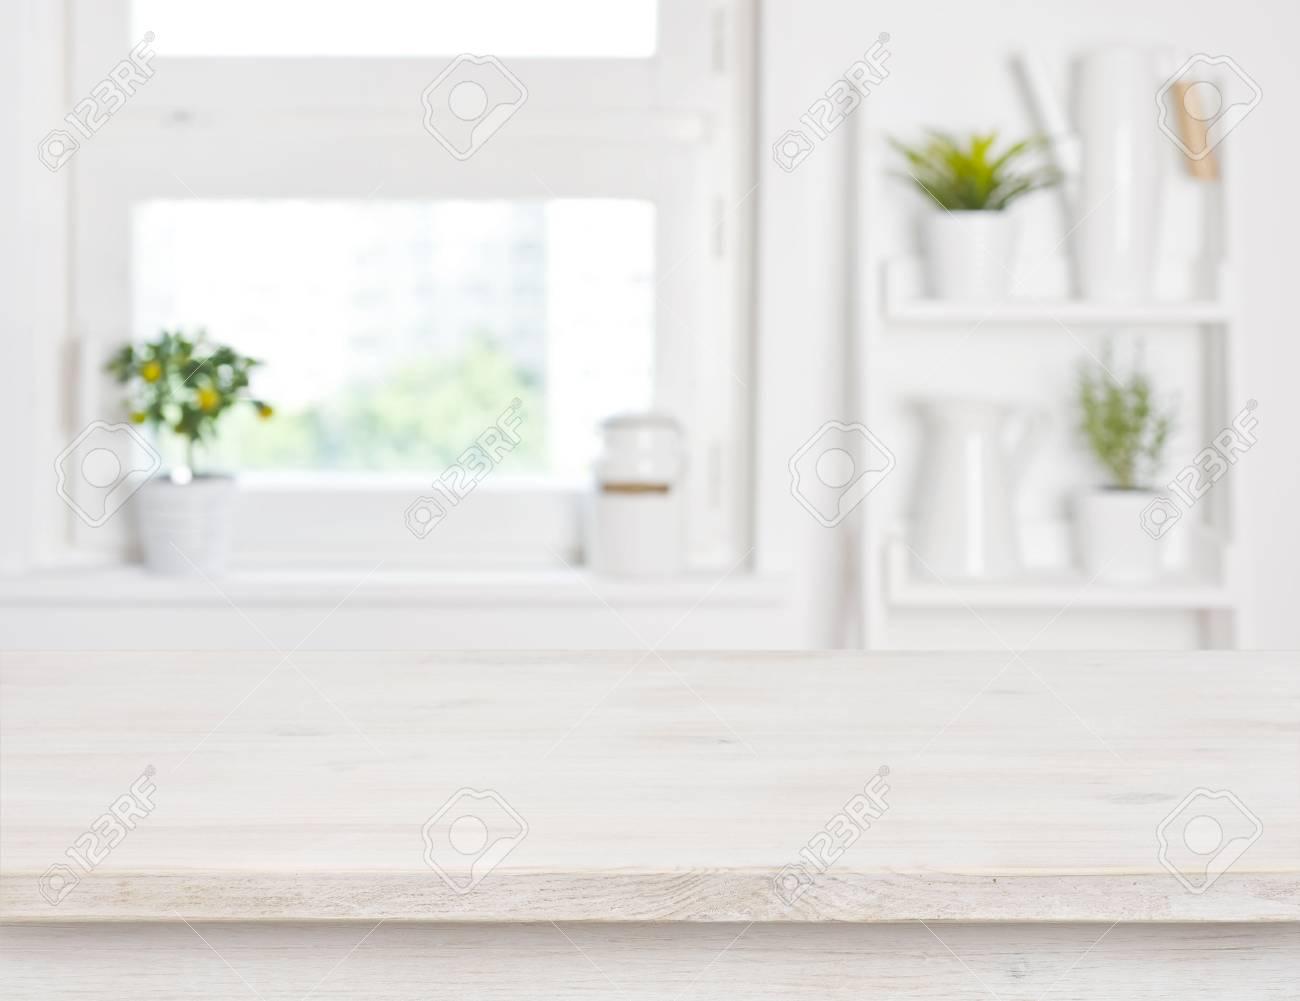 vide table en bois blanchi et étagères de fenêtre de cuisine fond